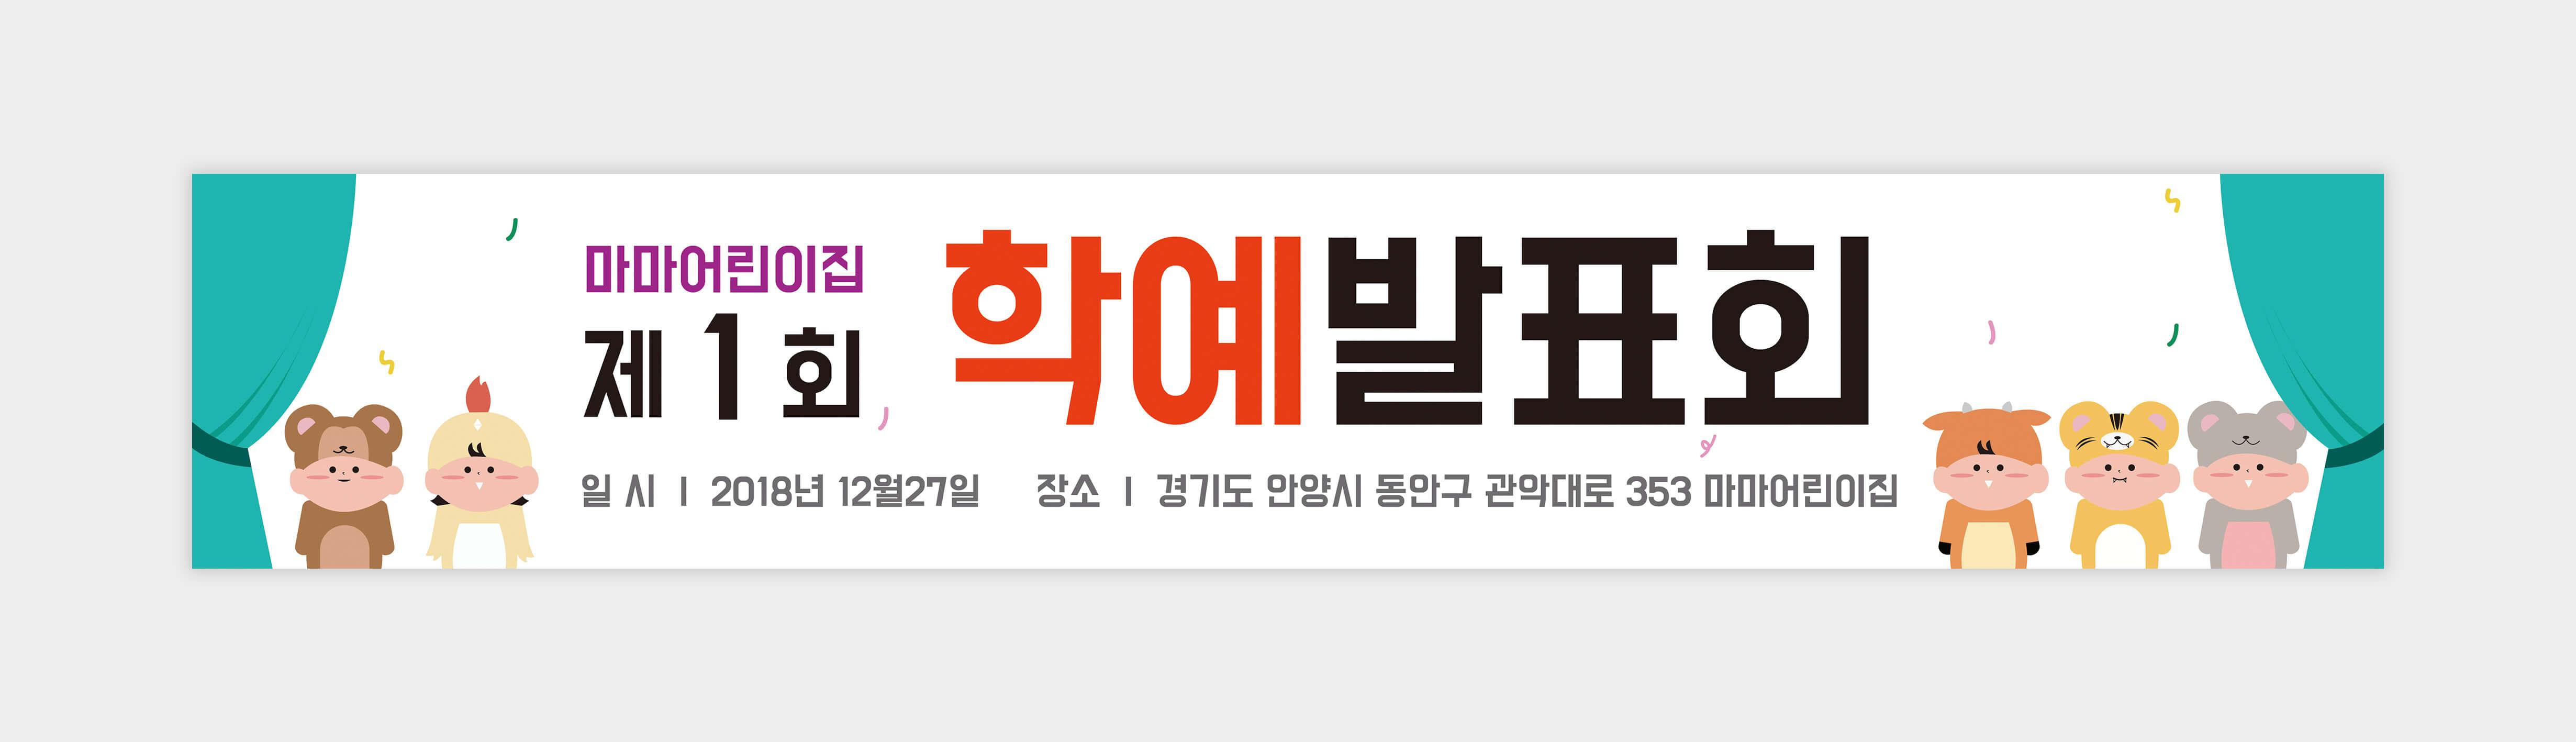 현수막_006